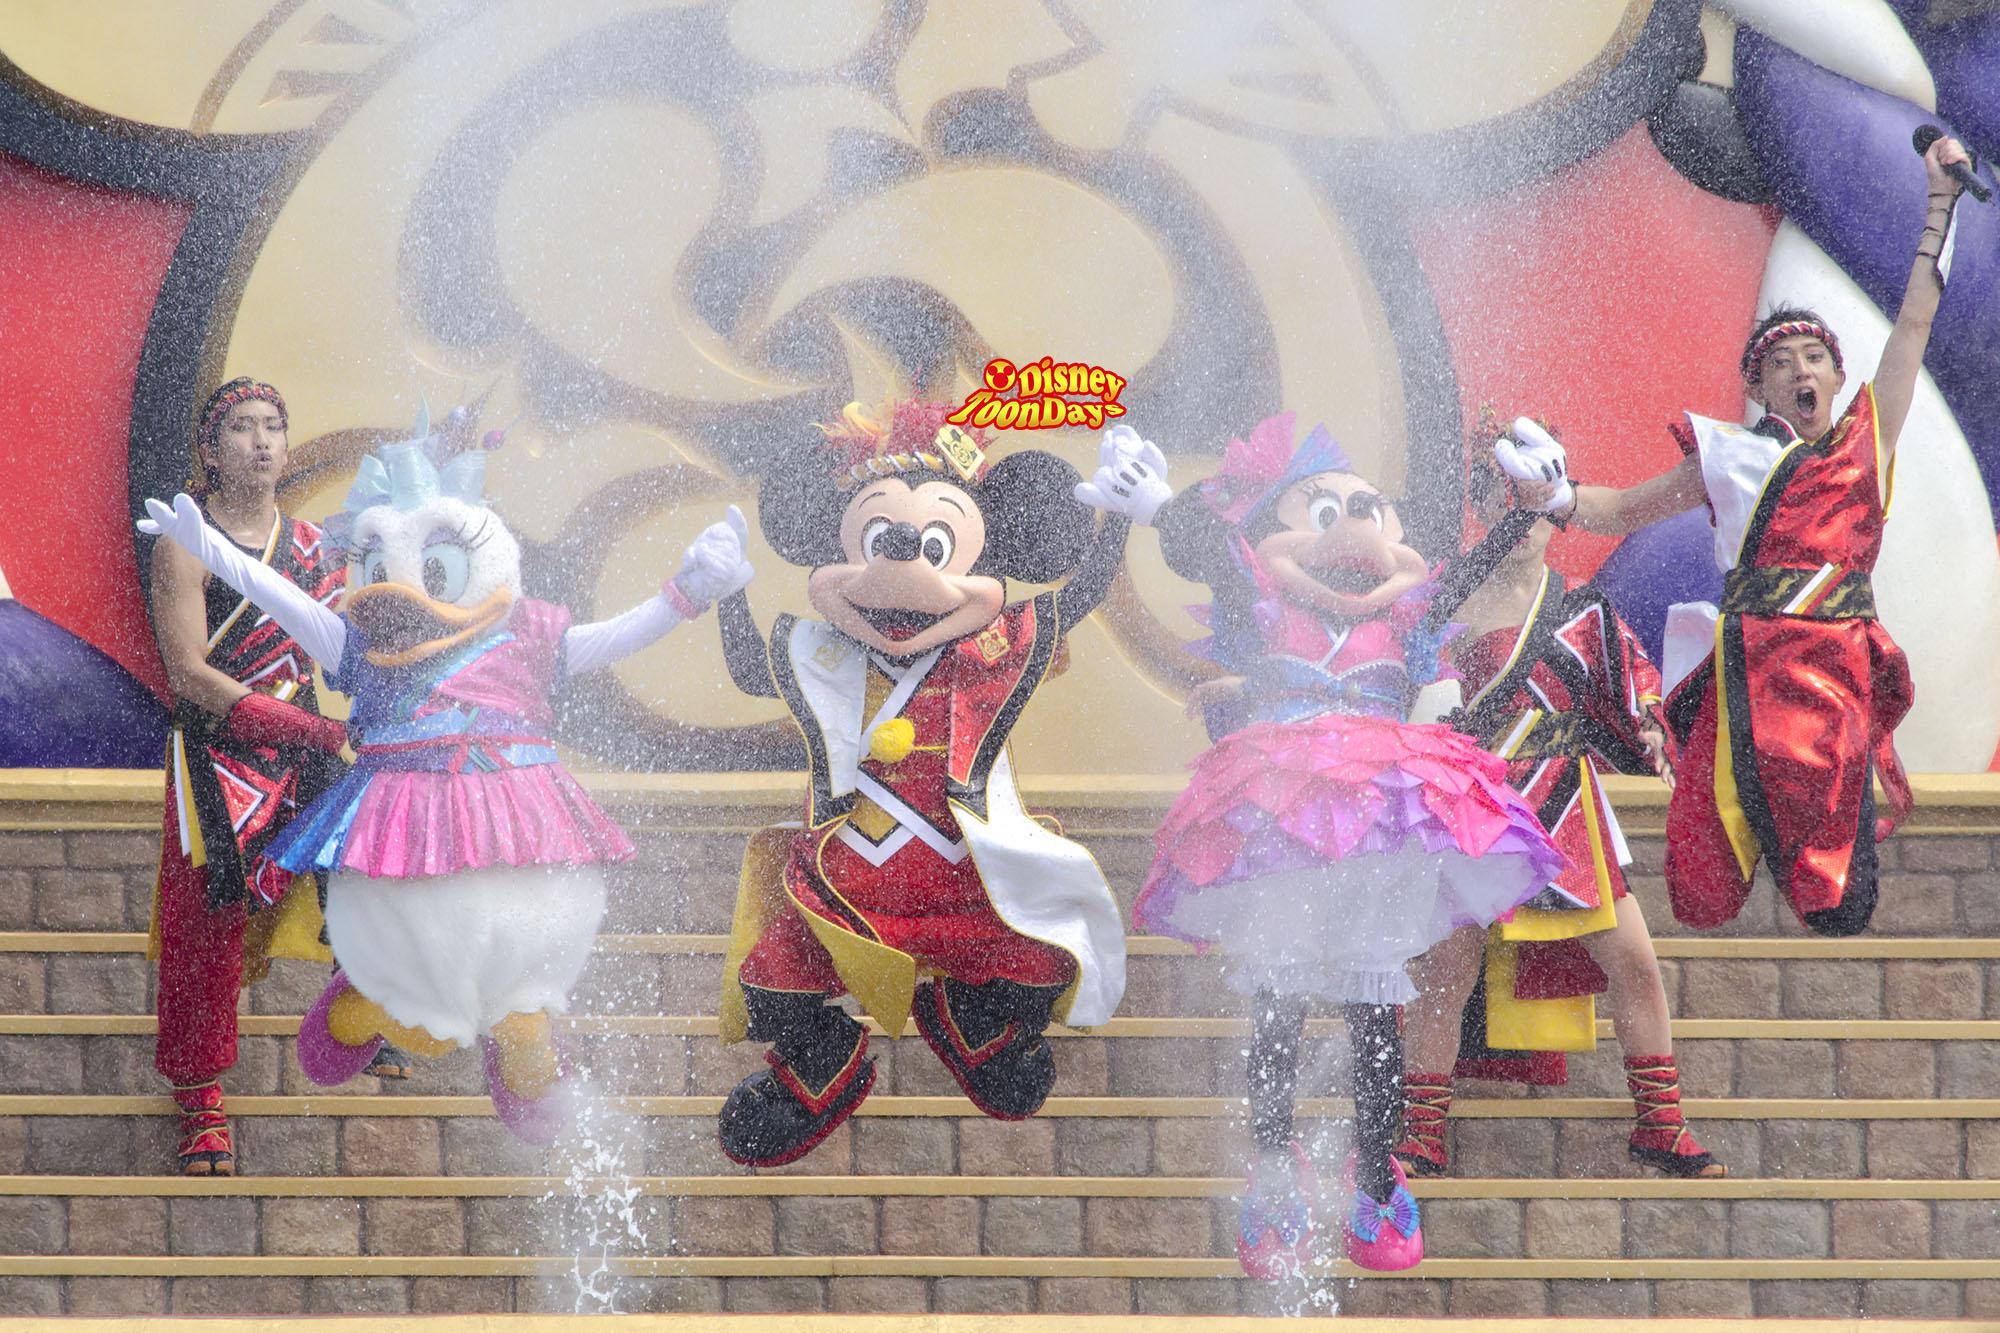 TDL ディズニー夏祭り2013 爽涼鼓舞 ミッキー ミニー デイジー MCお兄さん